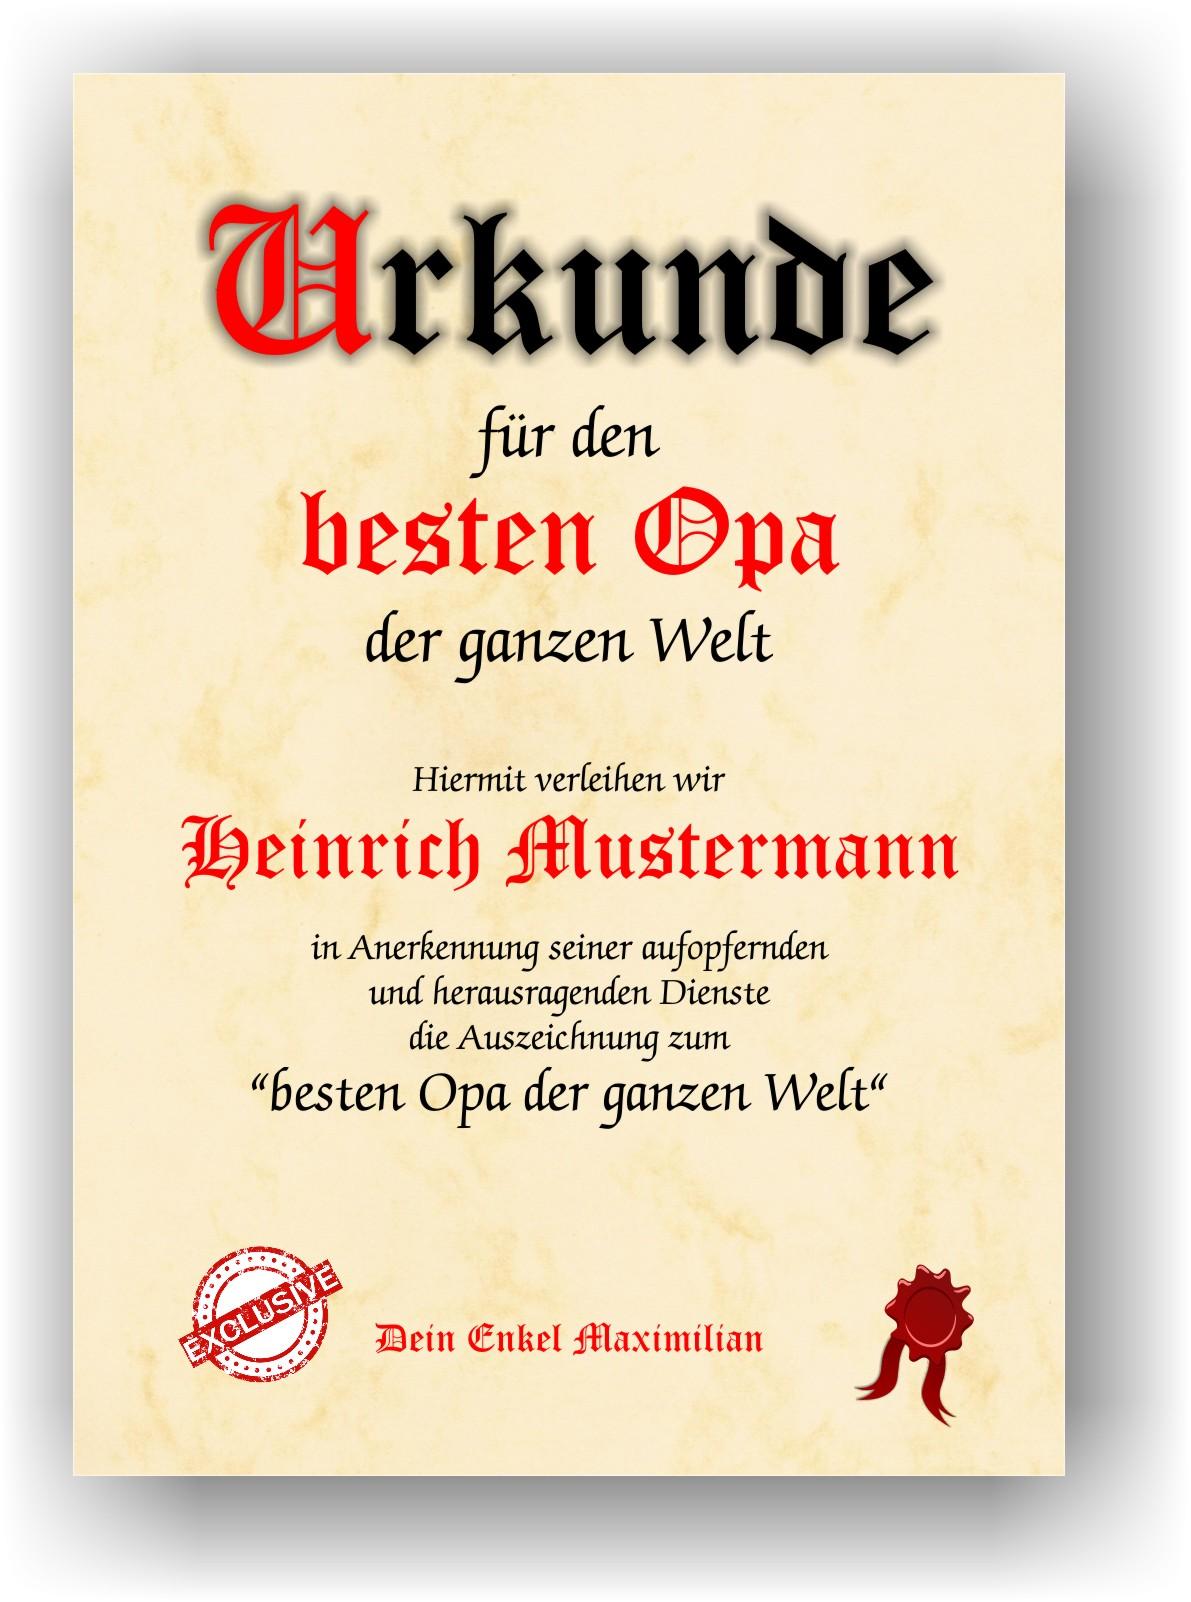 Details Zu Geschenk Für Den Besten Opa Der Welt Danke Sagen Urkunde Danksagung Geschenkidee